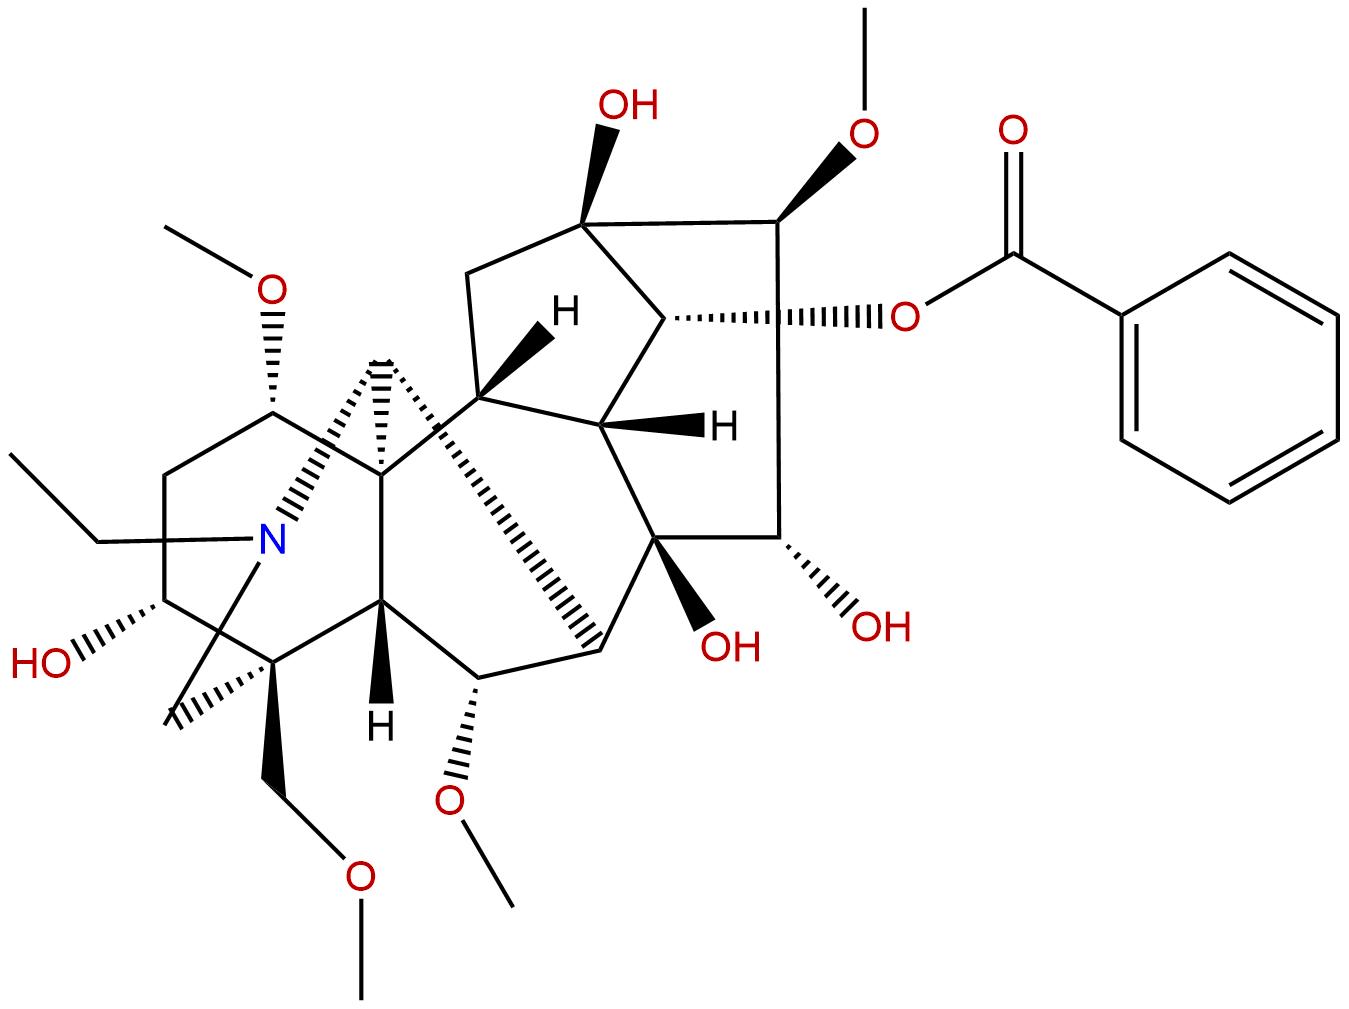 14-Benzoylaconine